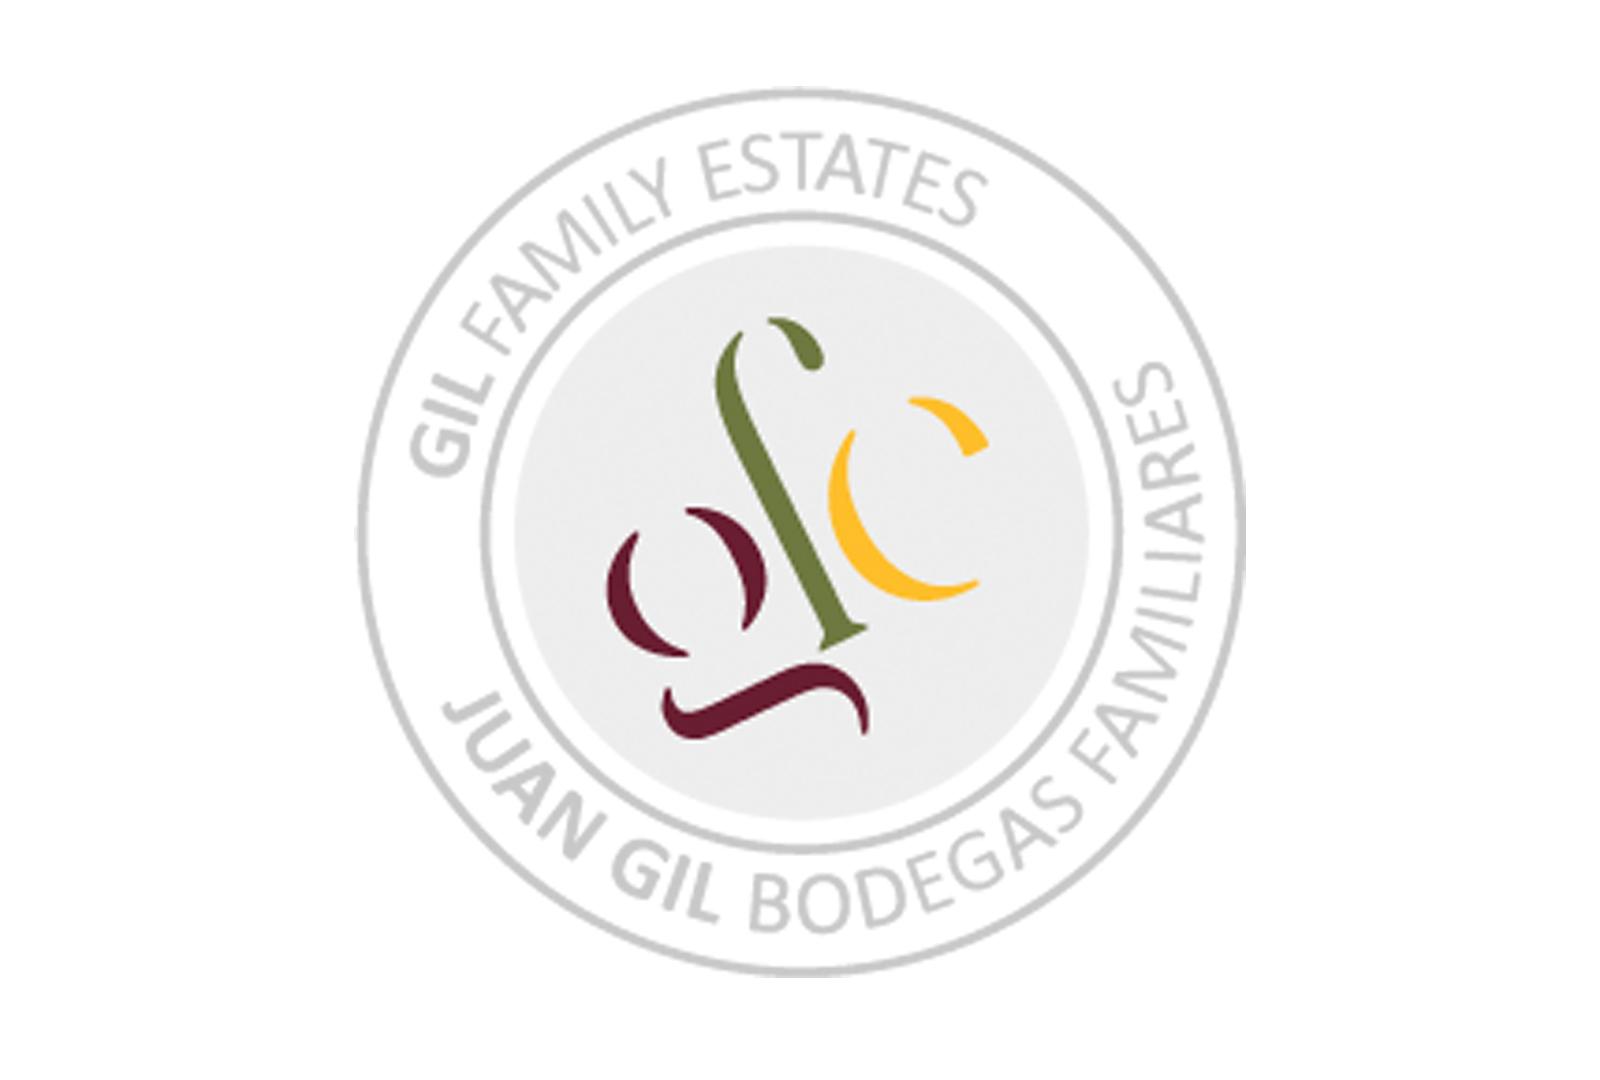 Juan Gil Bodegas, primeras 100 vendimias en familia.